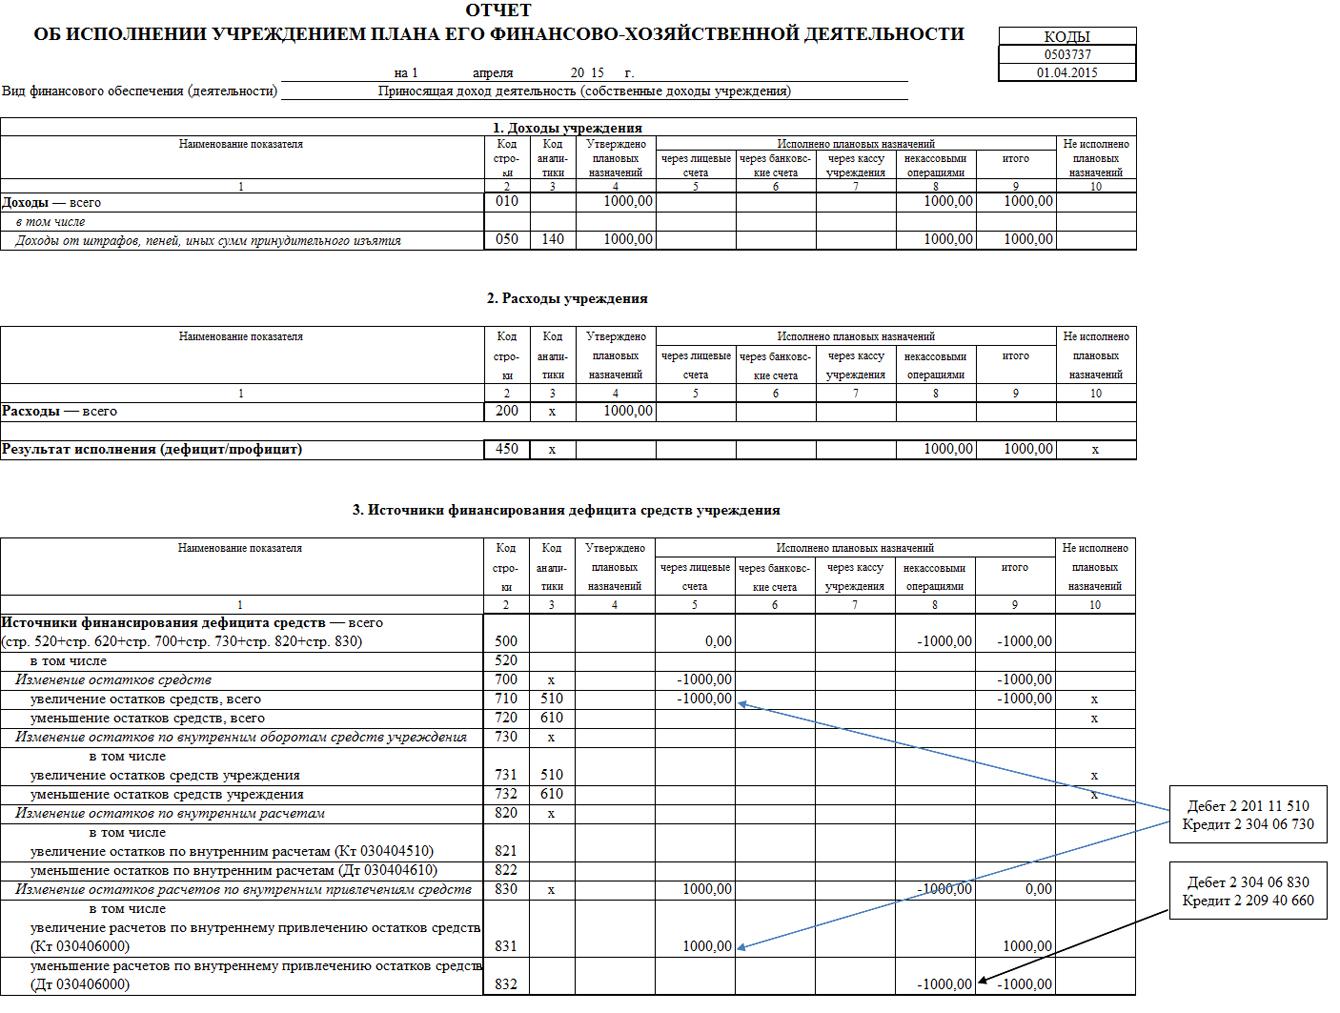 Госсектор. Некассовые операции: порядок отражения в бухгалтерском учете и отчетности